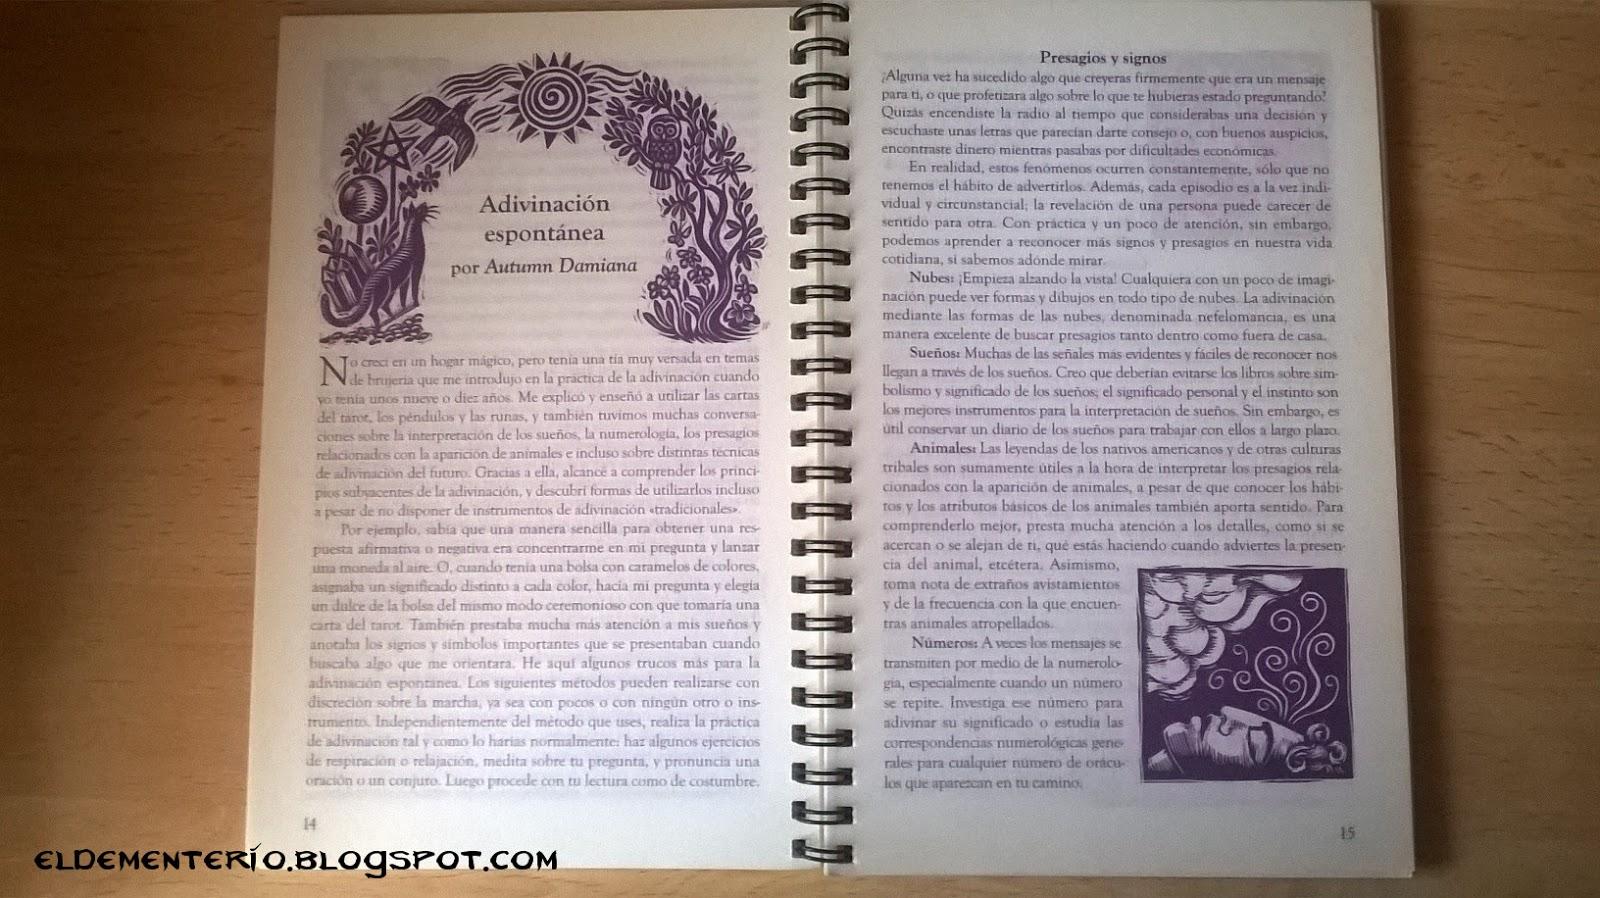 El Dementerio: Agenda de las Brujas